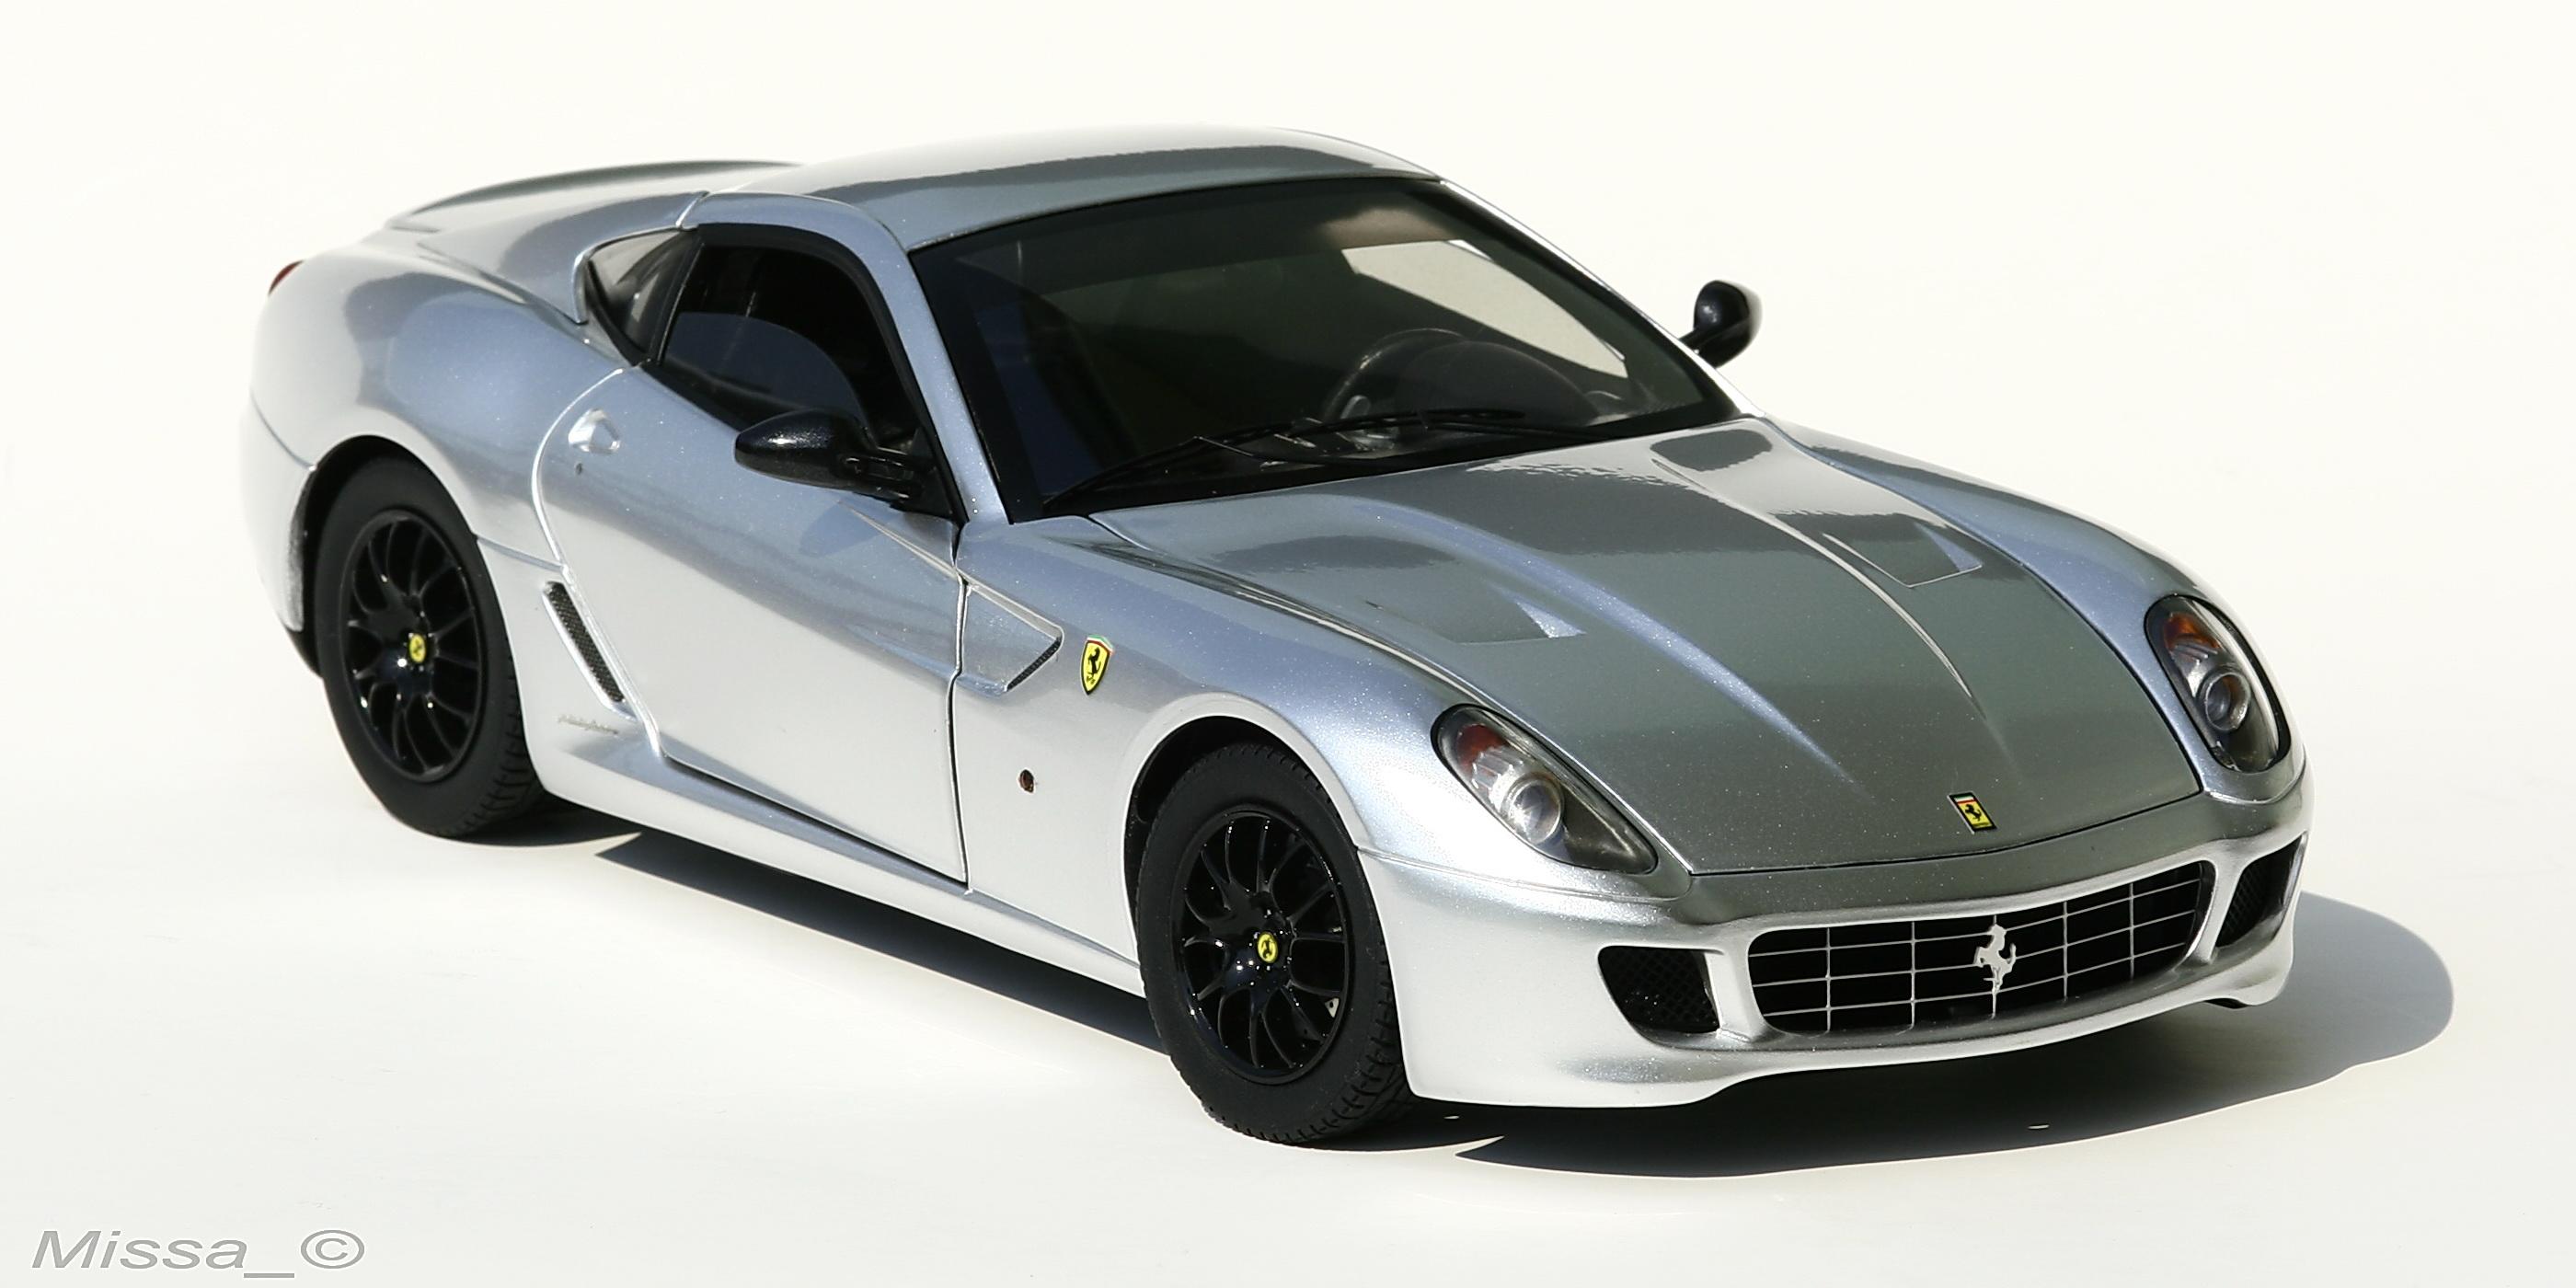 002_elite_ferrari599gi1svd Fabulous Ferrari Mondial 8 Super Elite Cars Trend